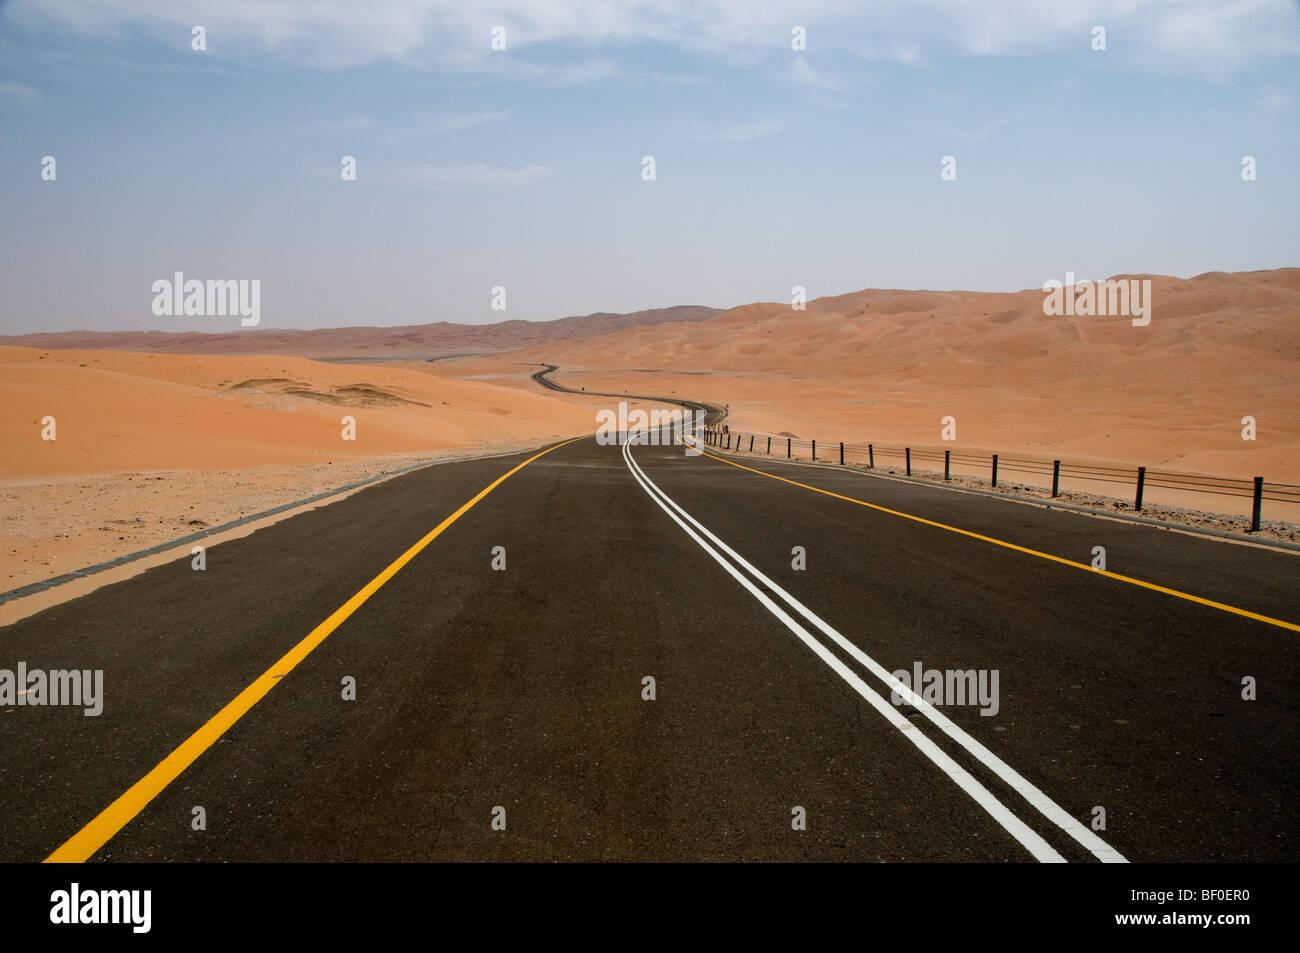 Desert road in Liwa, Abu Dhabi, UAE - Stock Image